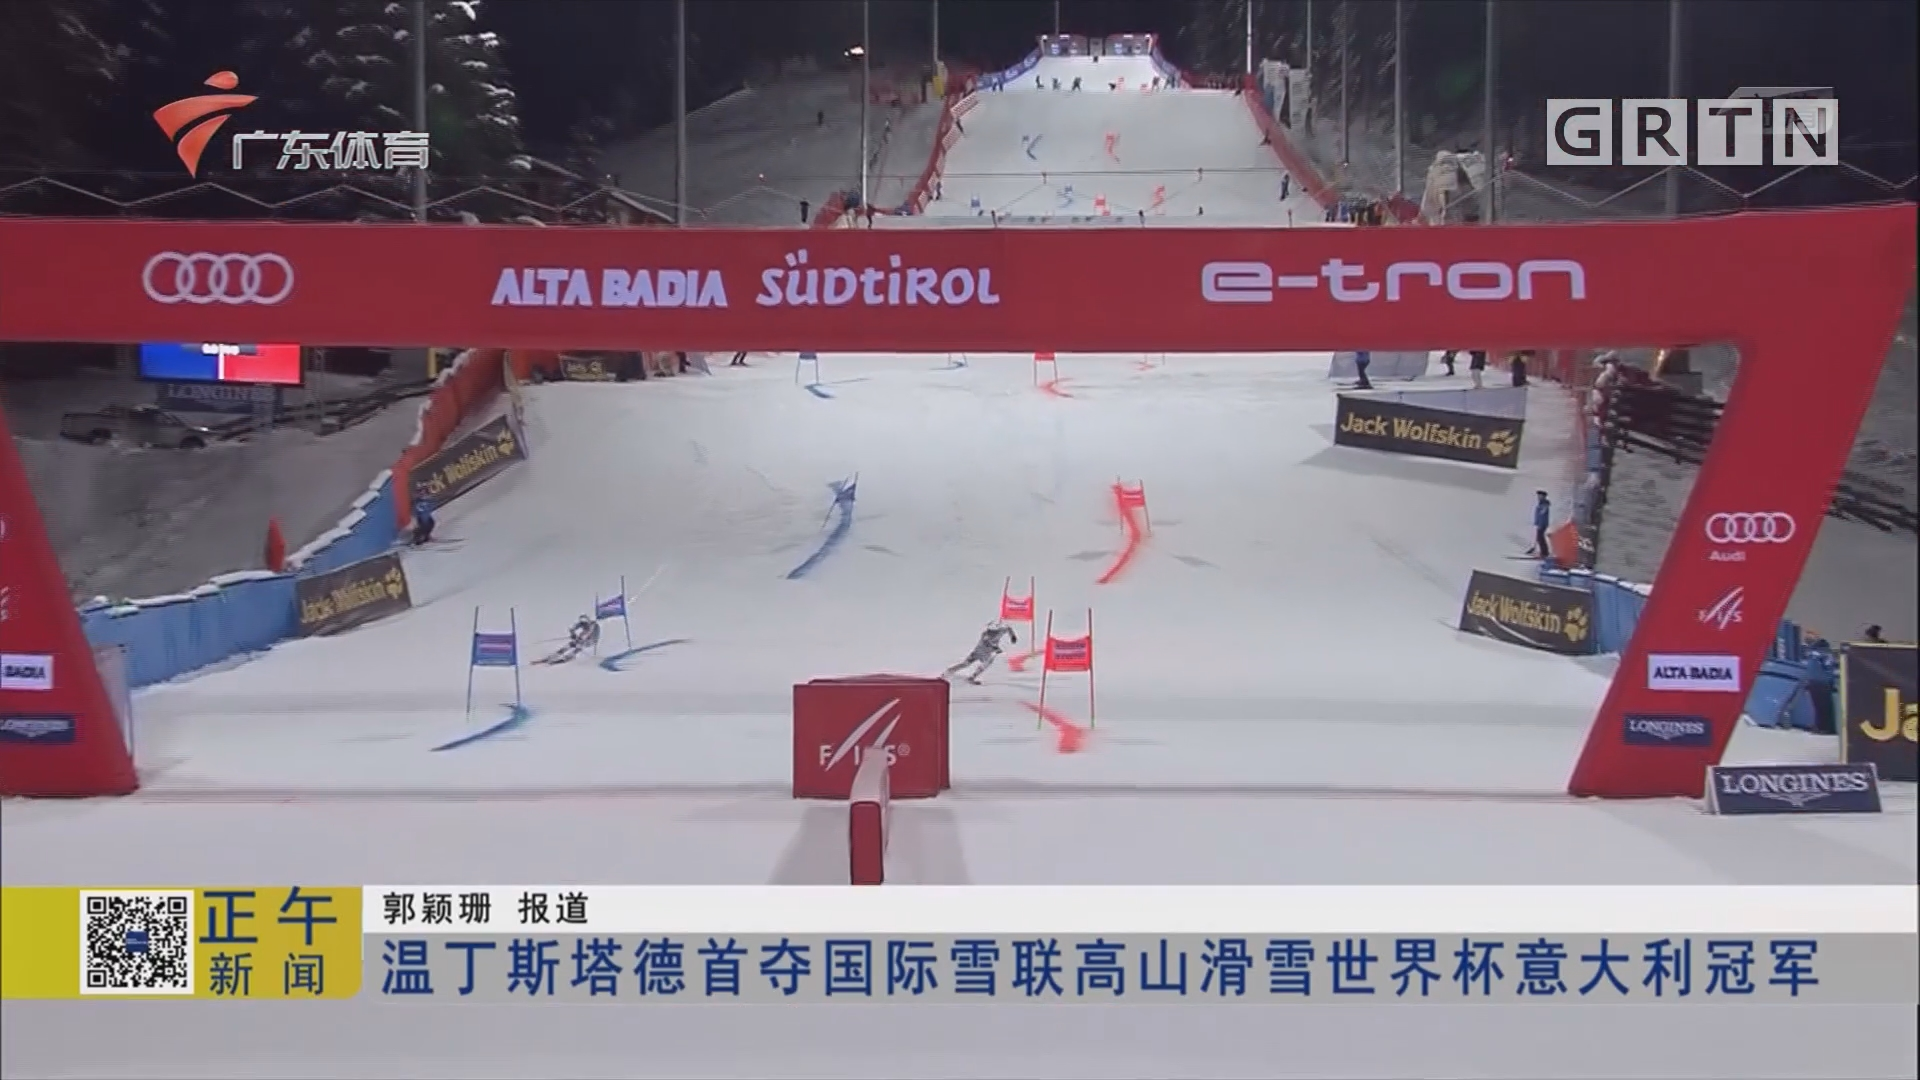 温丁斯塔德首夺国际雪联高山滑雪世界杯意大利冠军